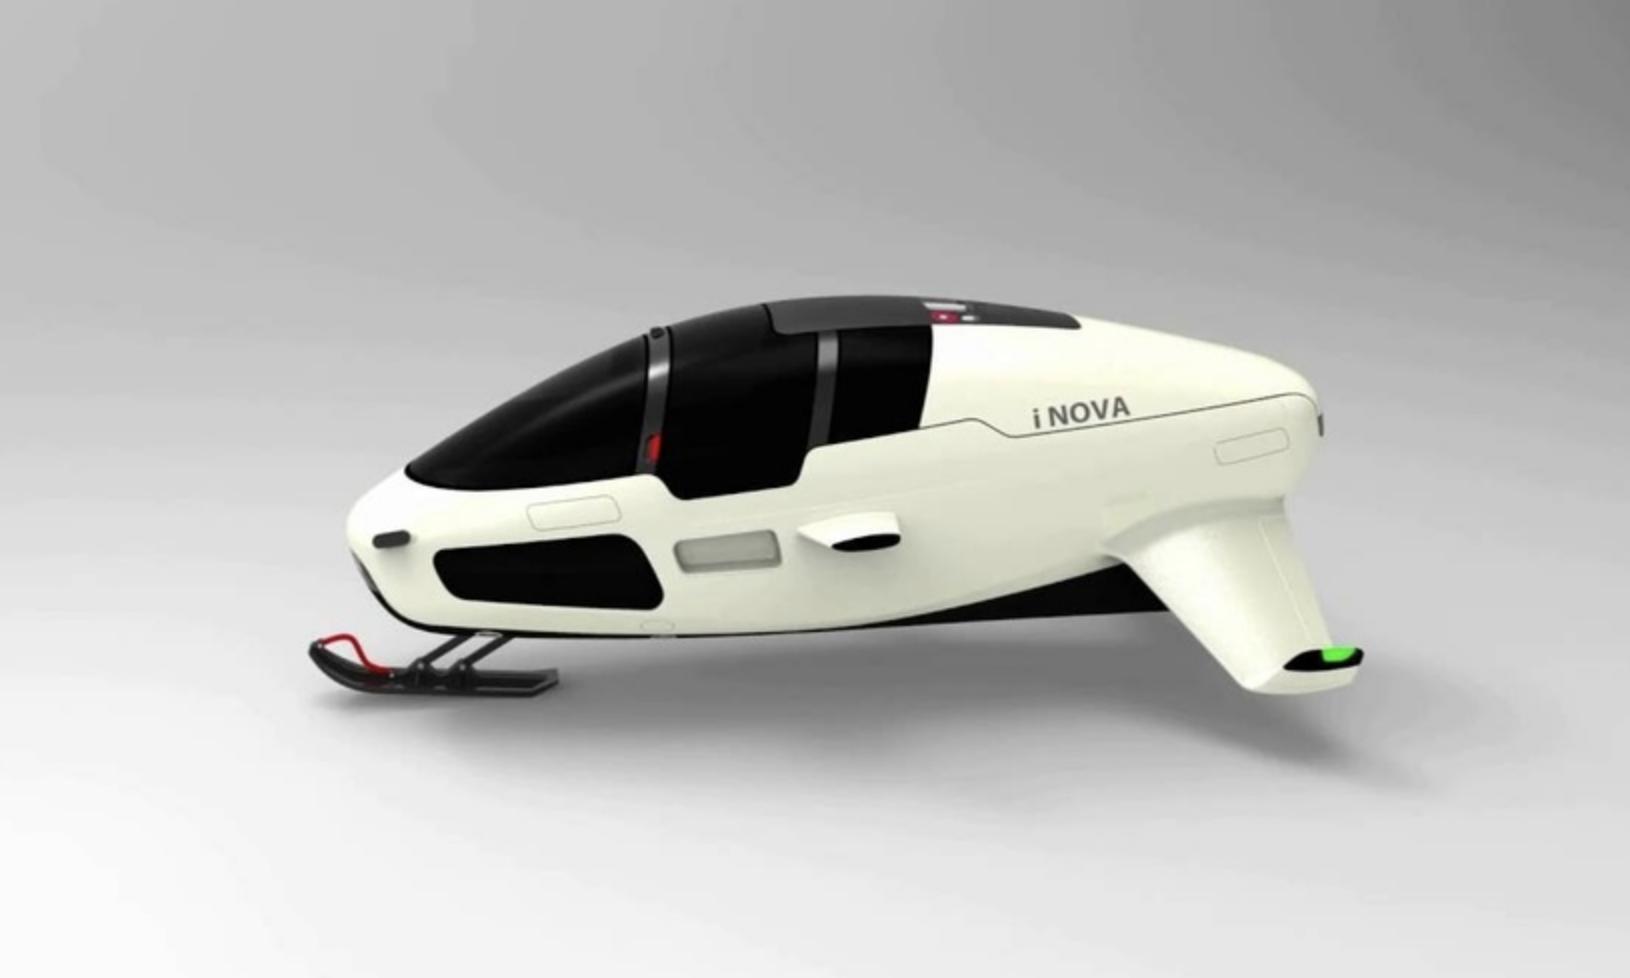 意大利新型多用途深海潜水器,可潜到100米深,速度可达30节